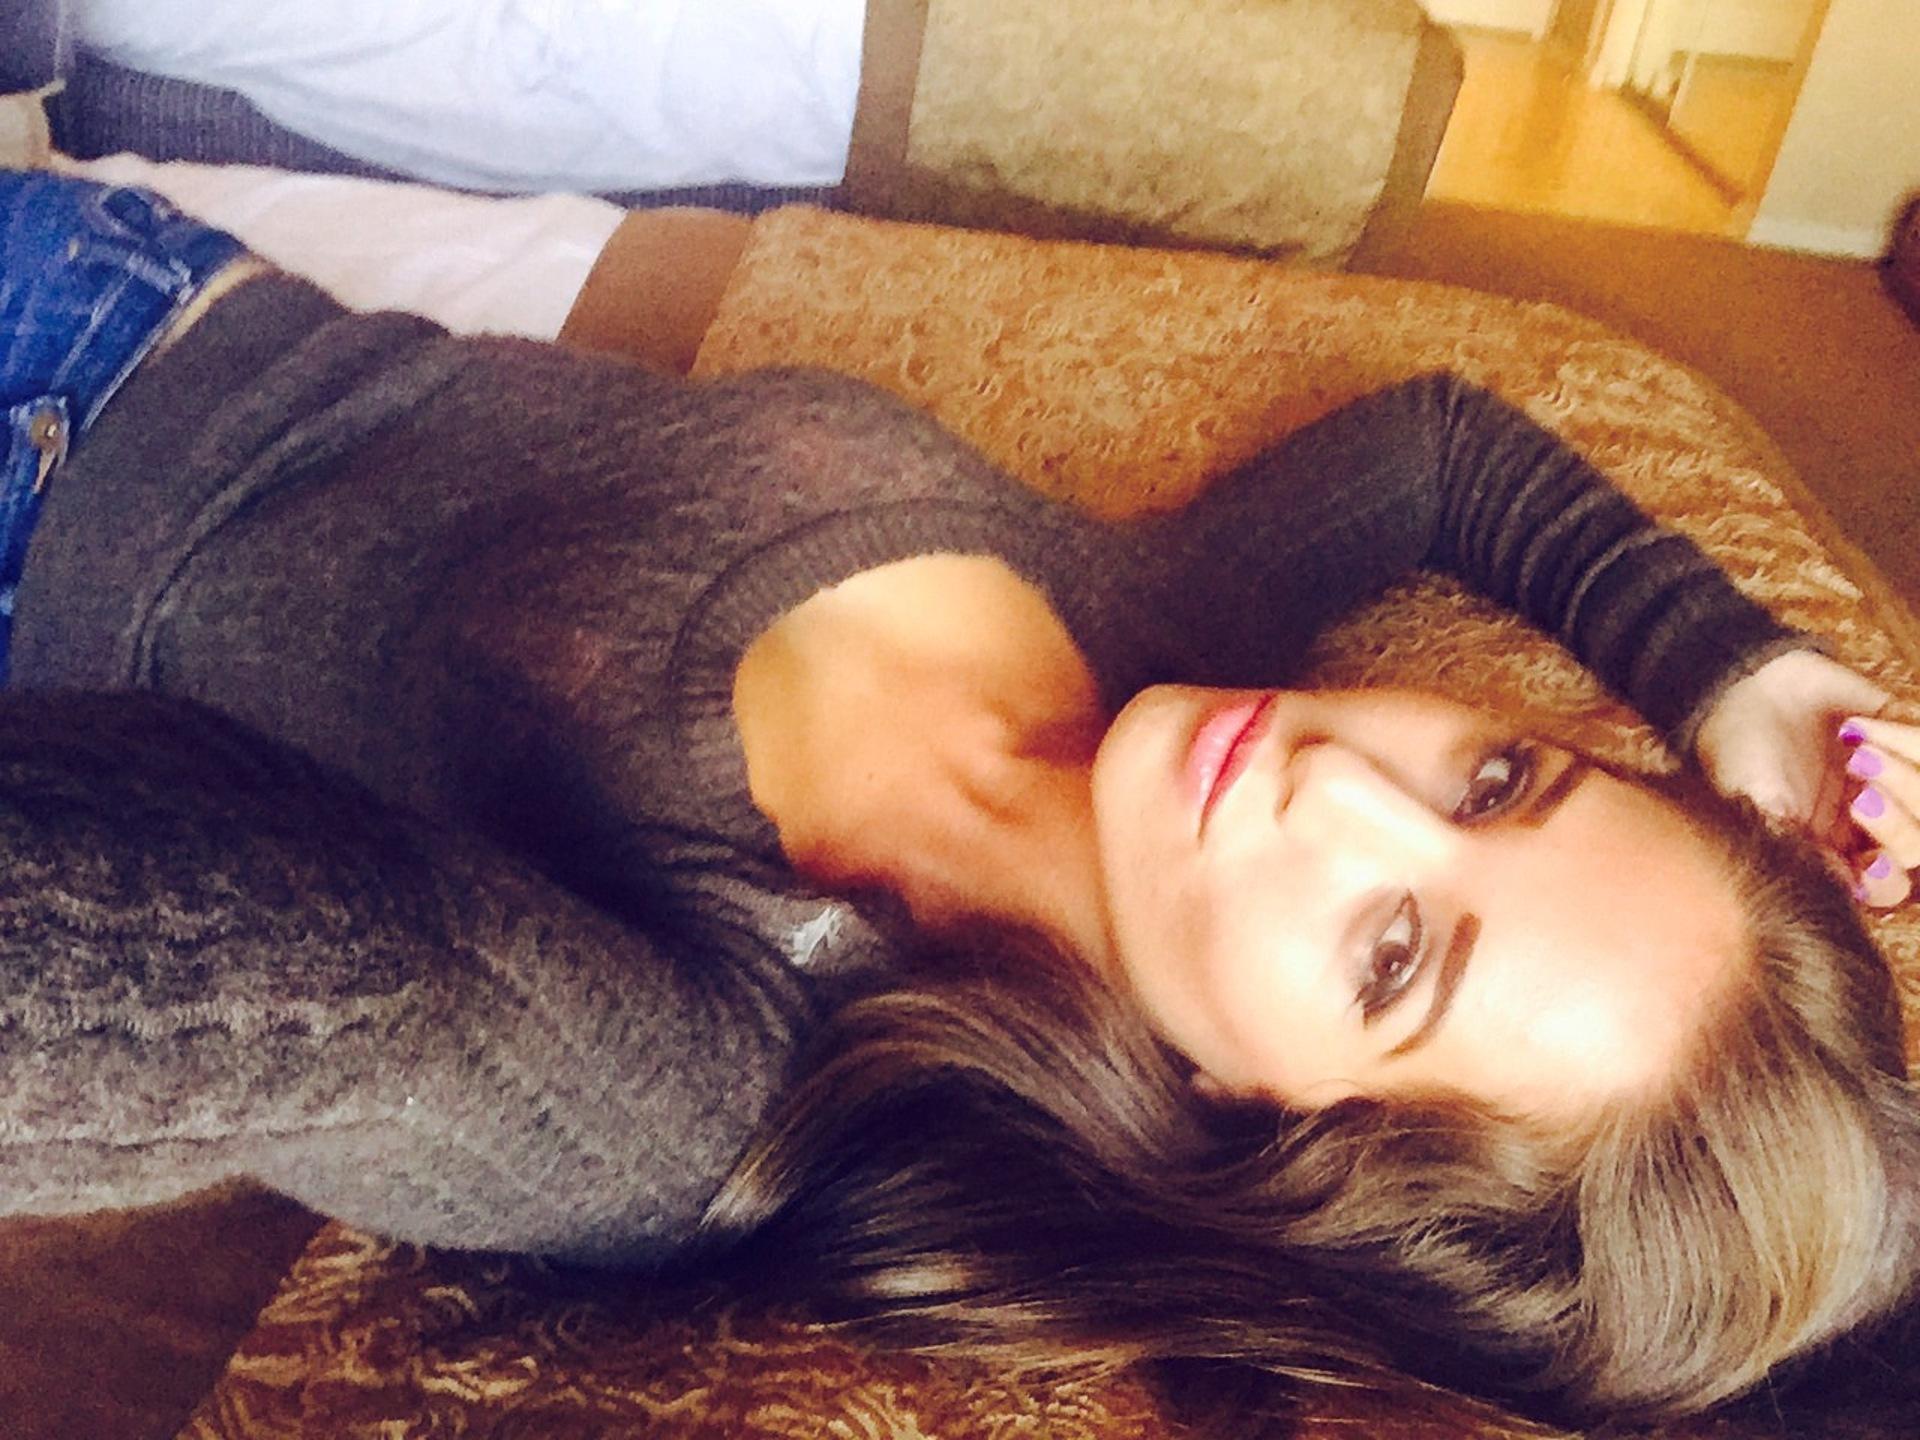 Selfie Melissa Lori nude photos 2019